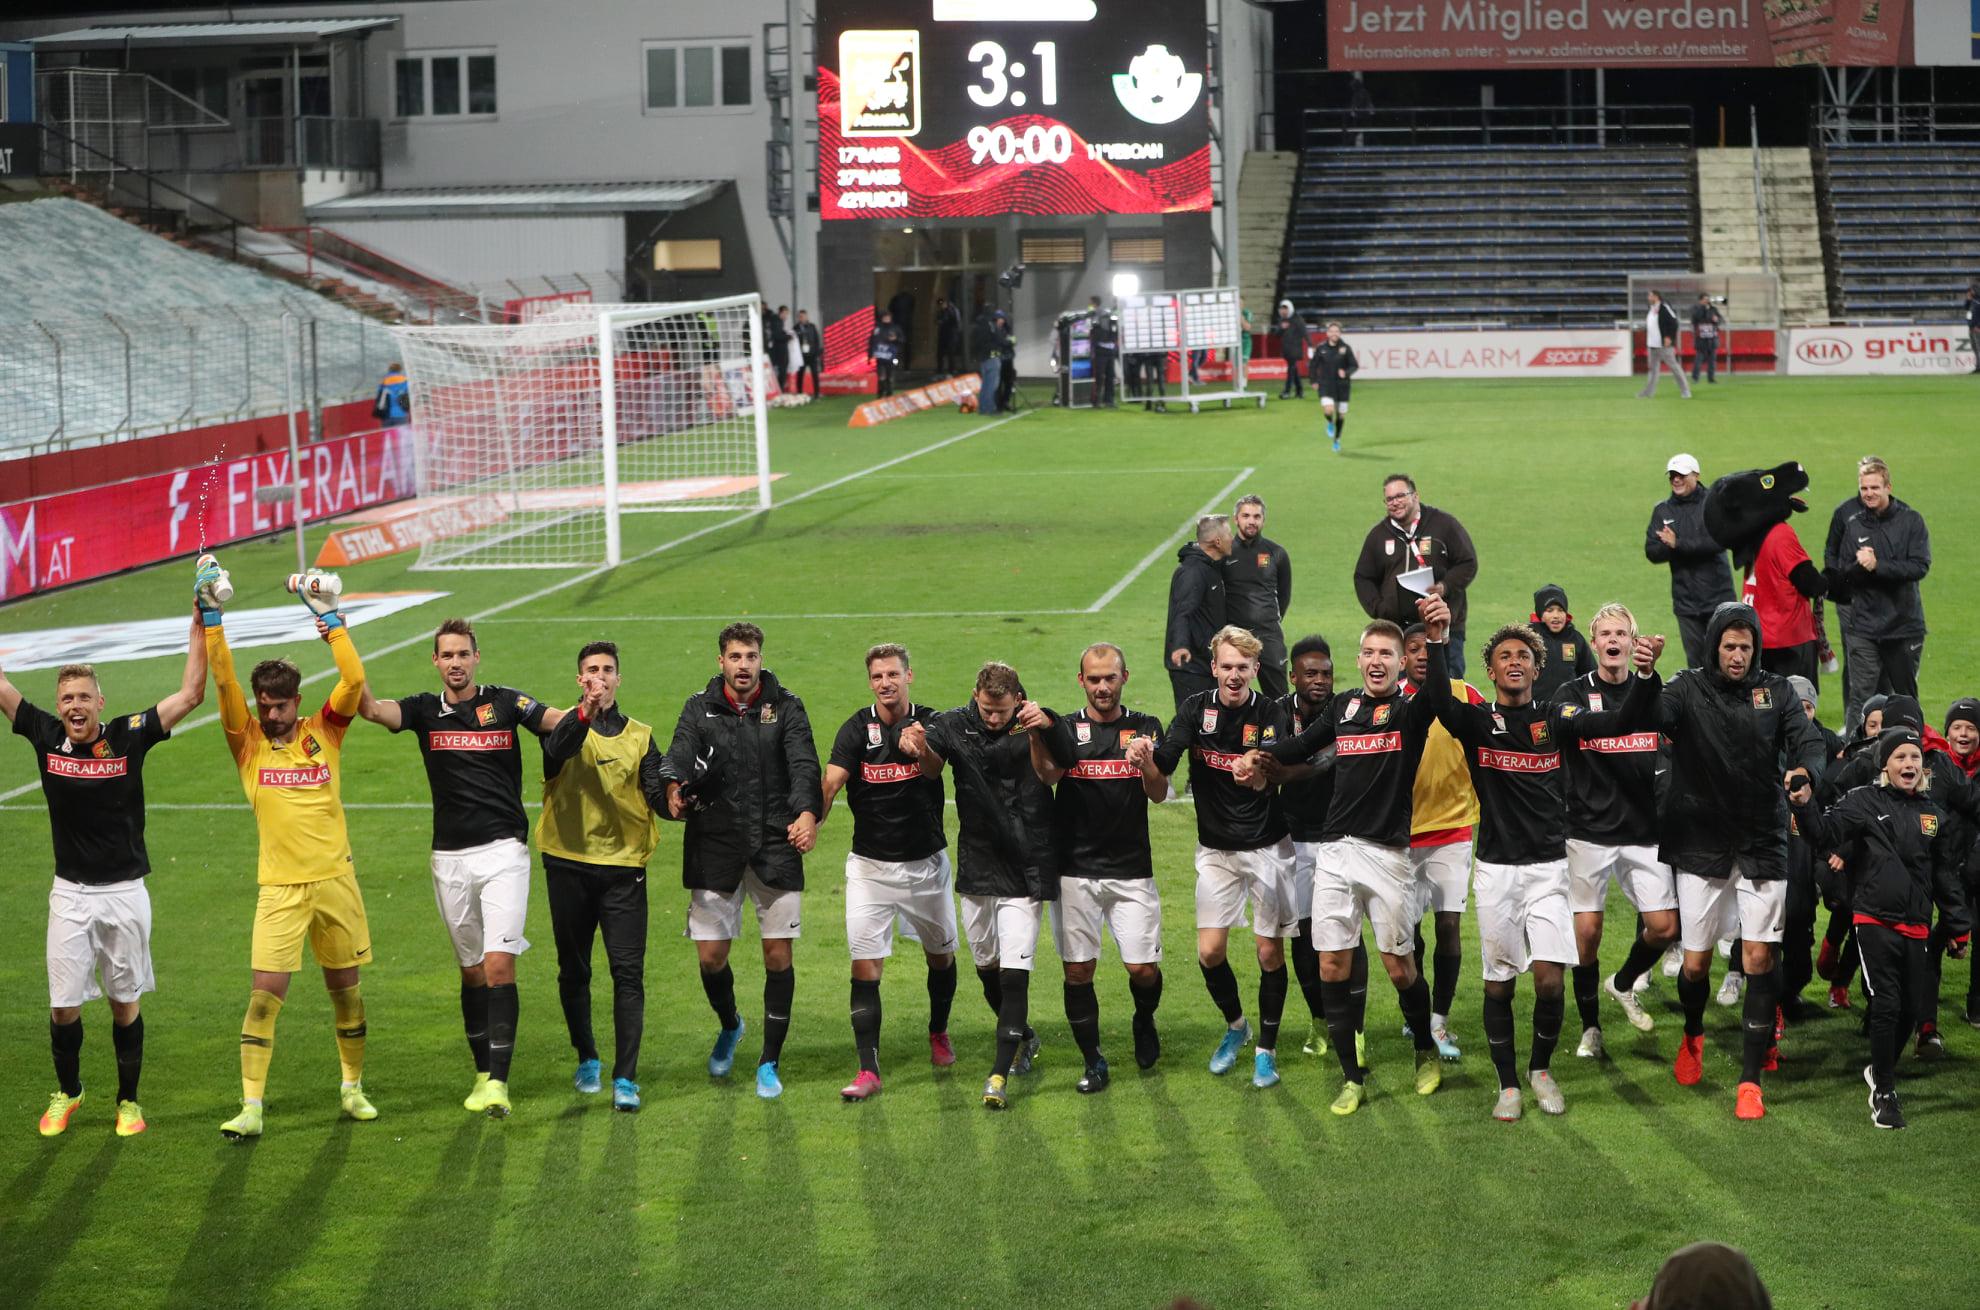 Die Mannschaft feierte ausgelassen mit den Fans den ersten Sieg der laufenden Saison